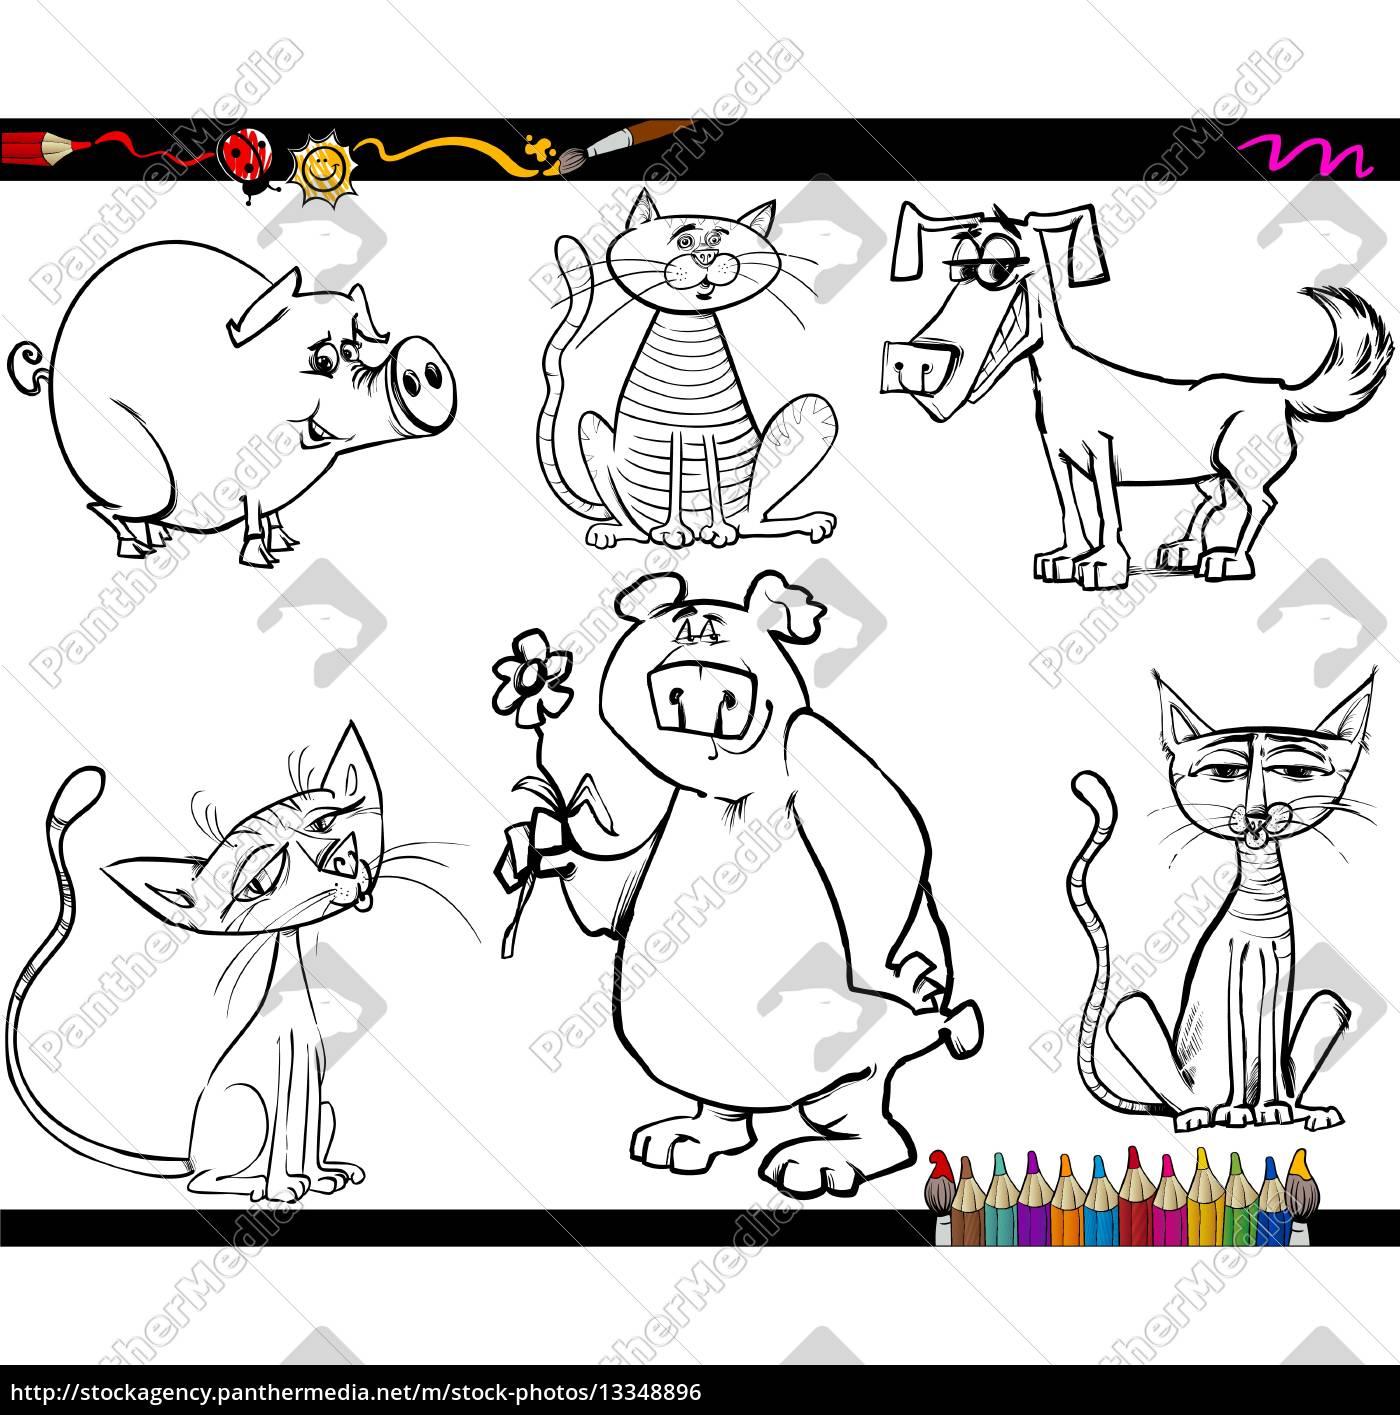 animales dibujos animados para colorear - Stockphoto - #13348896 ...